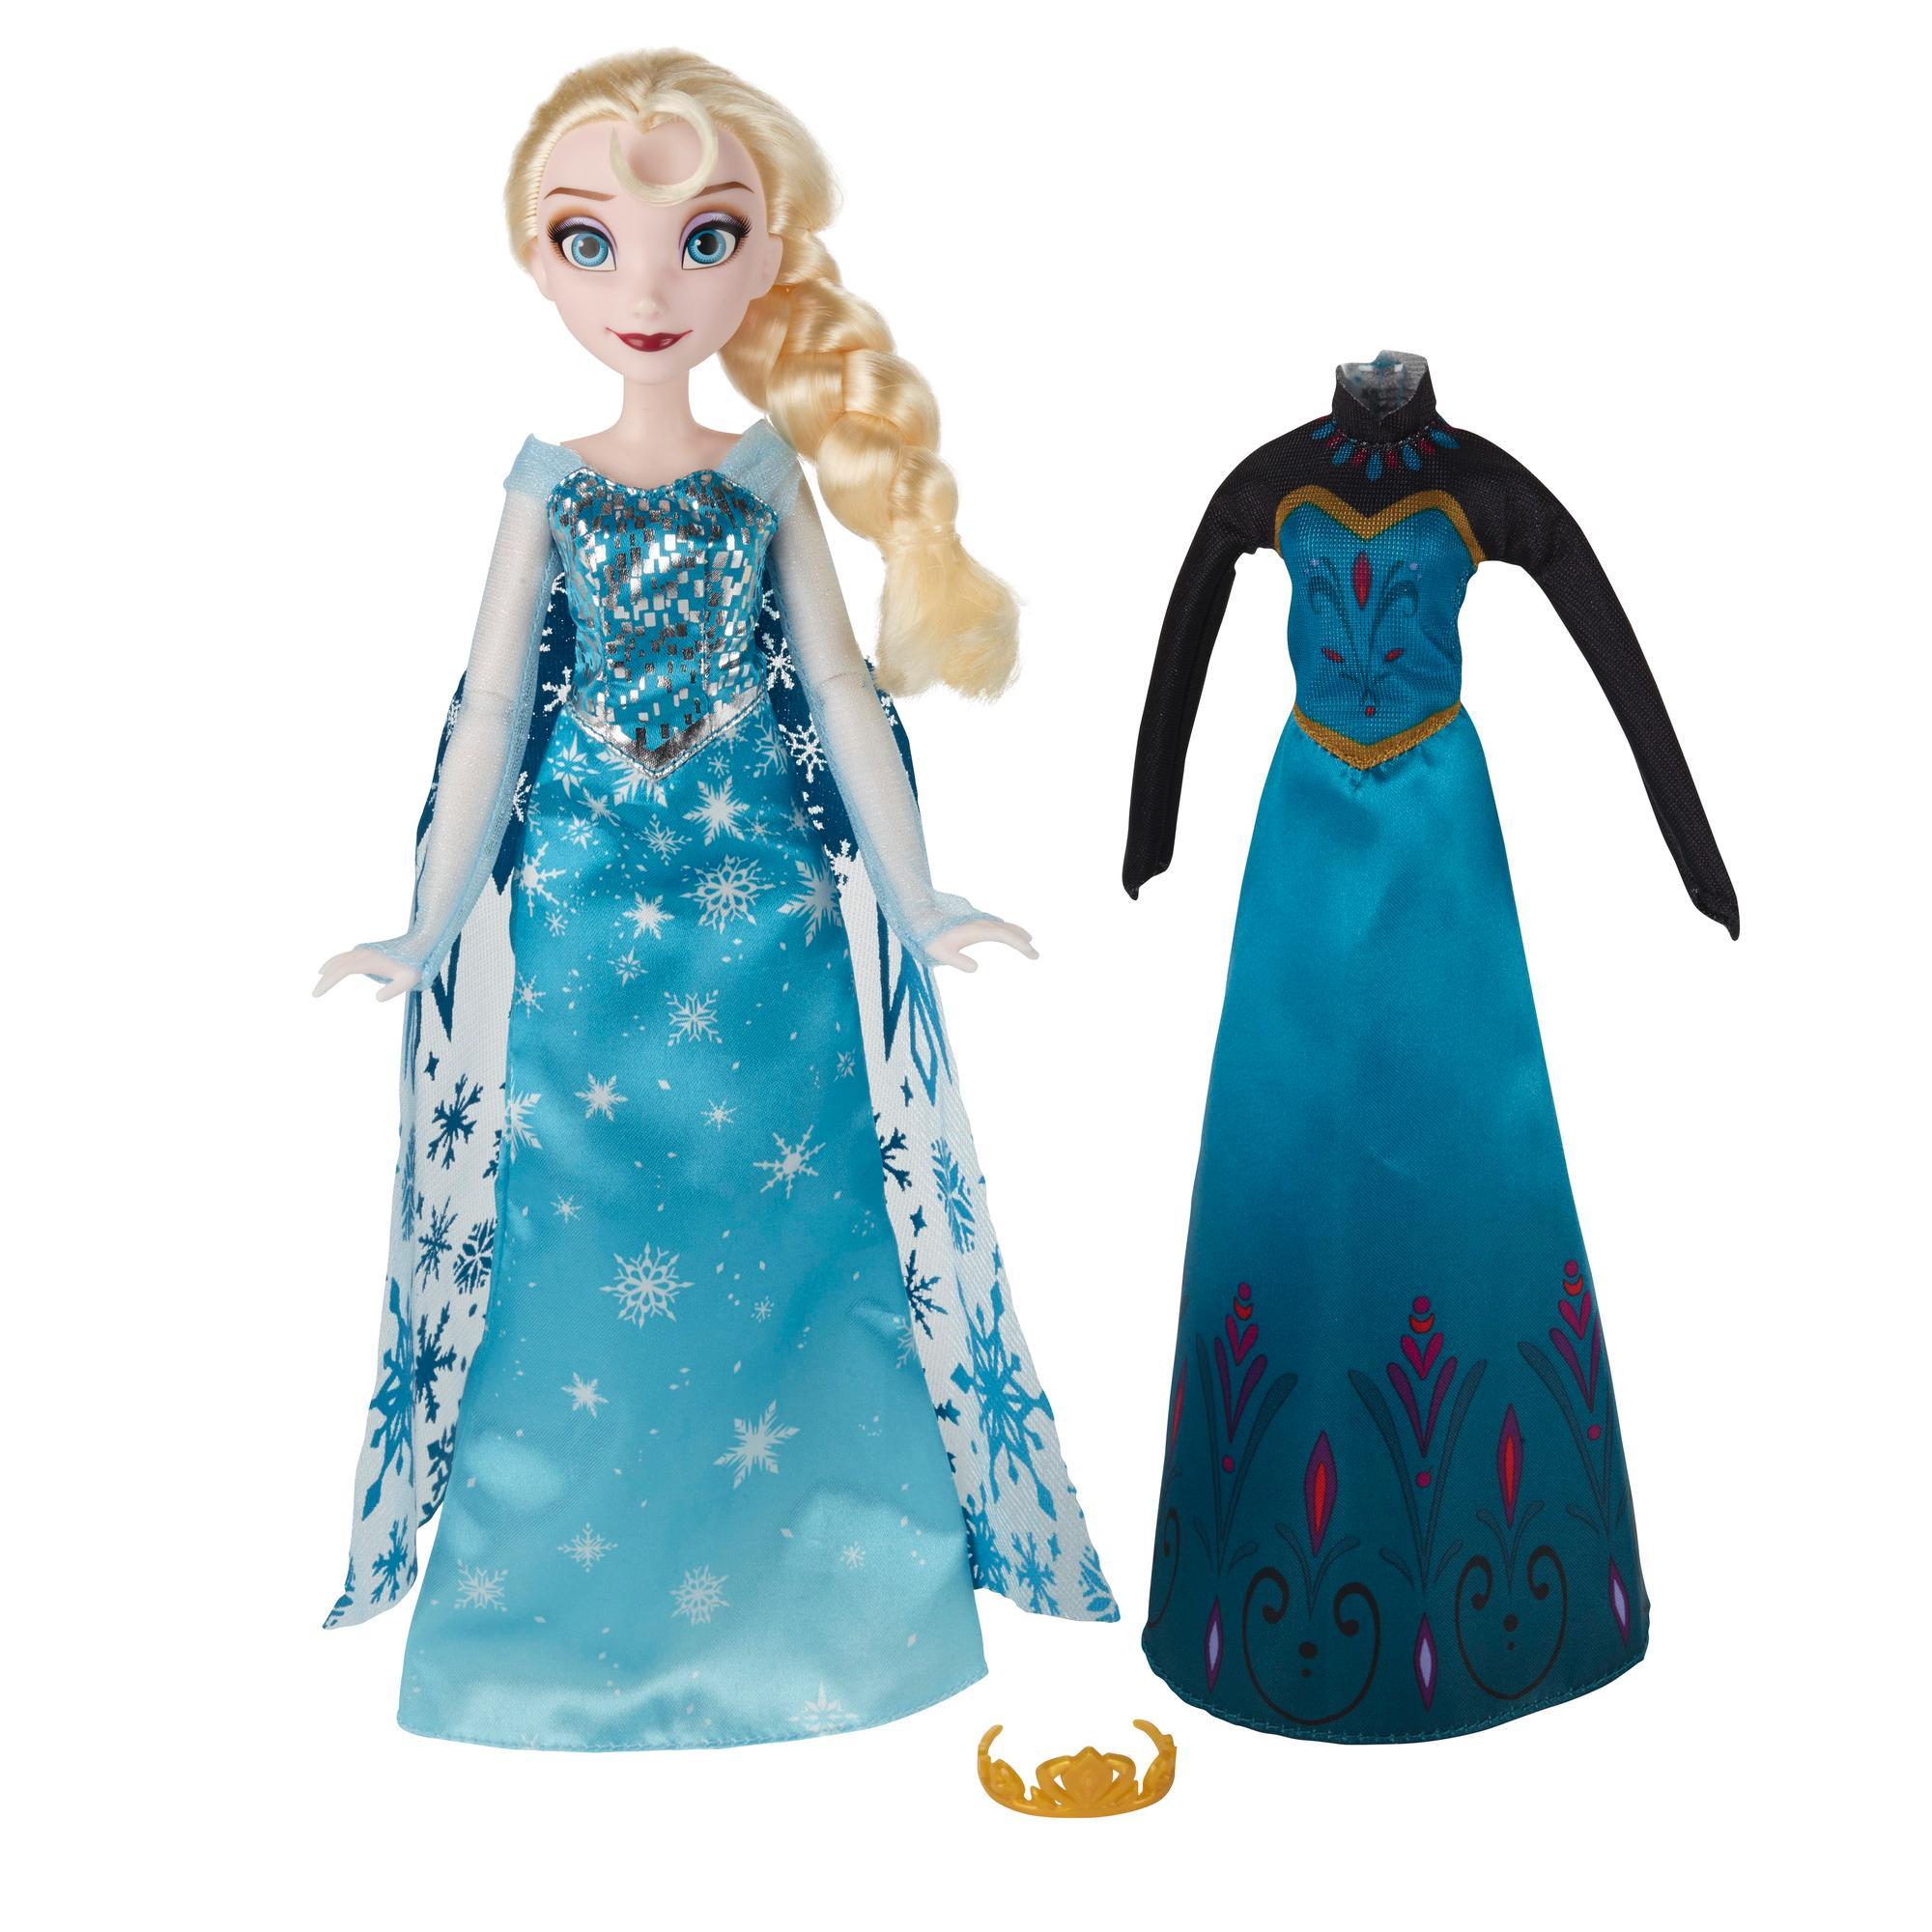 Disney Die Eiskönigin festliches Wechsel-Outfit Elsa